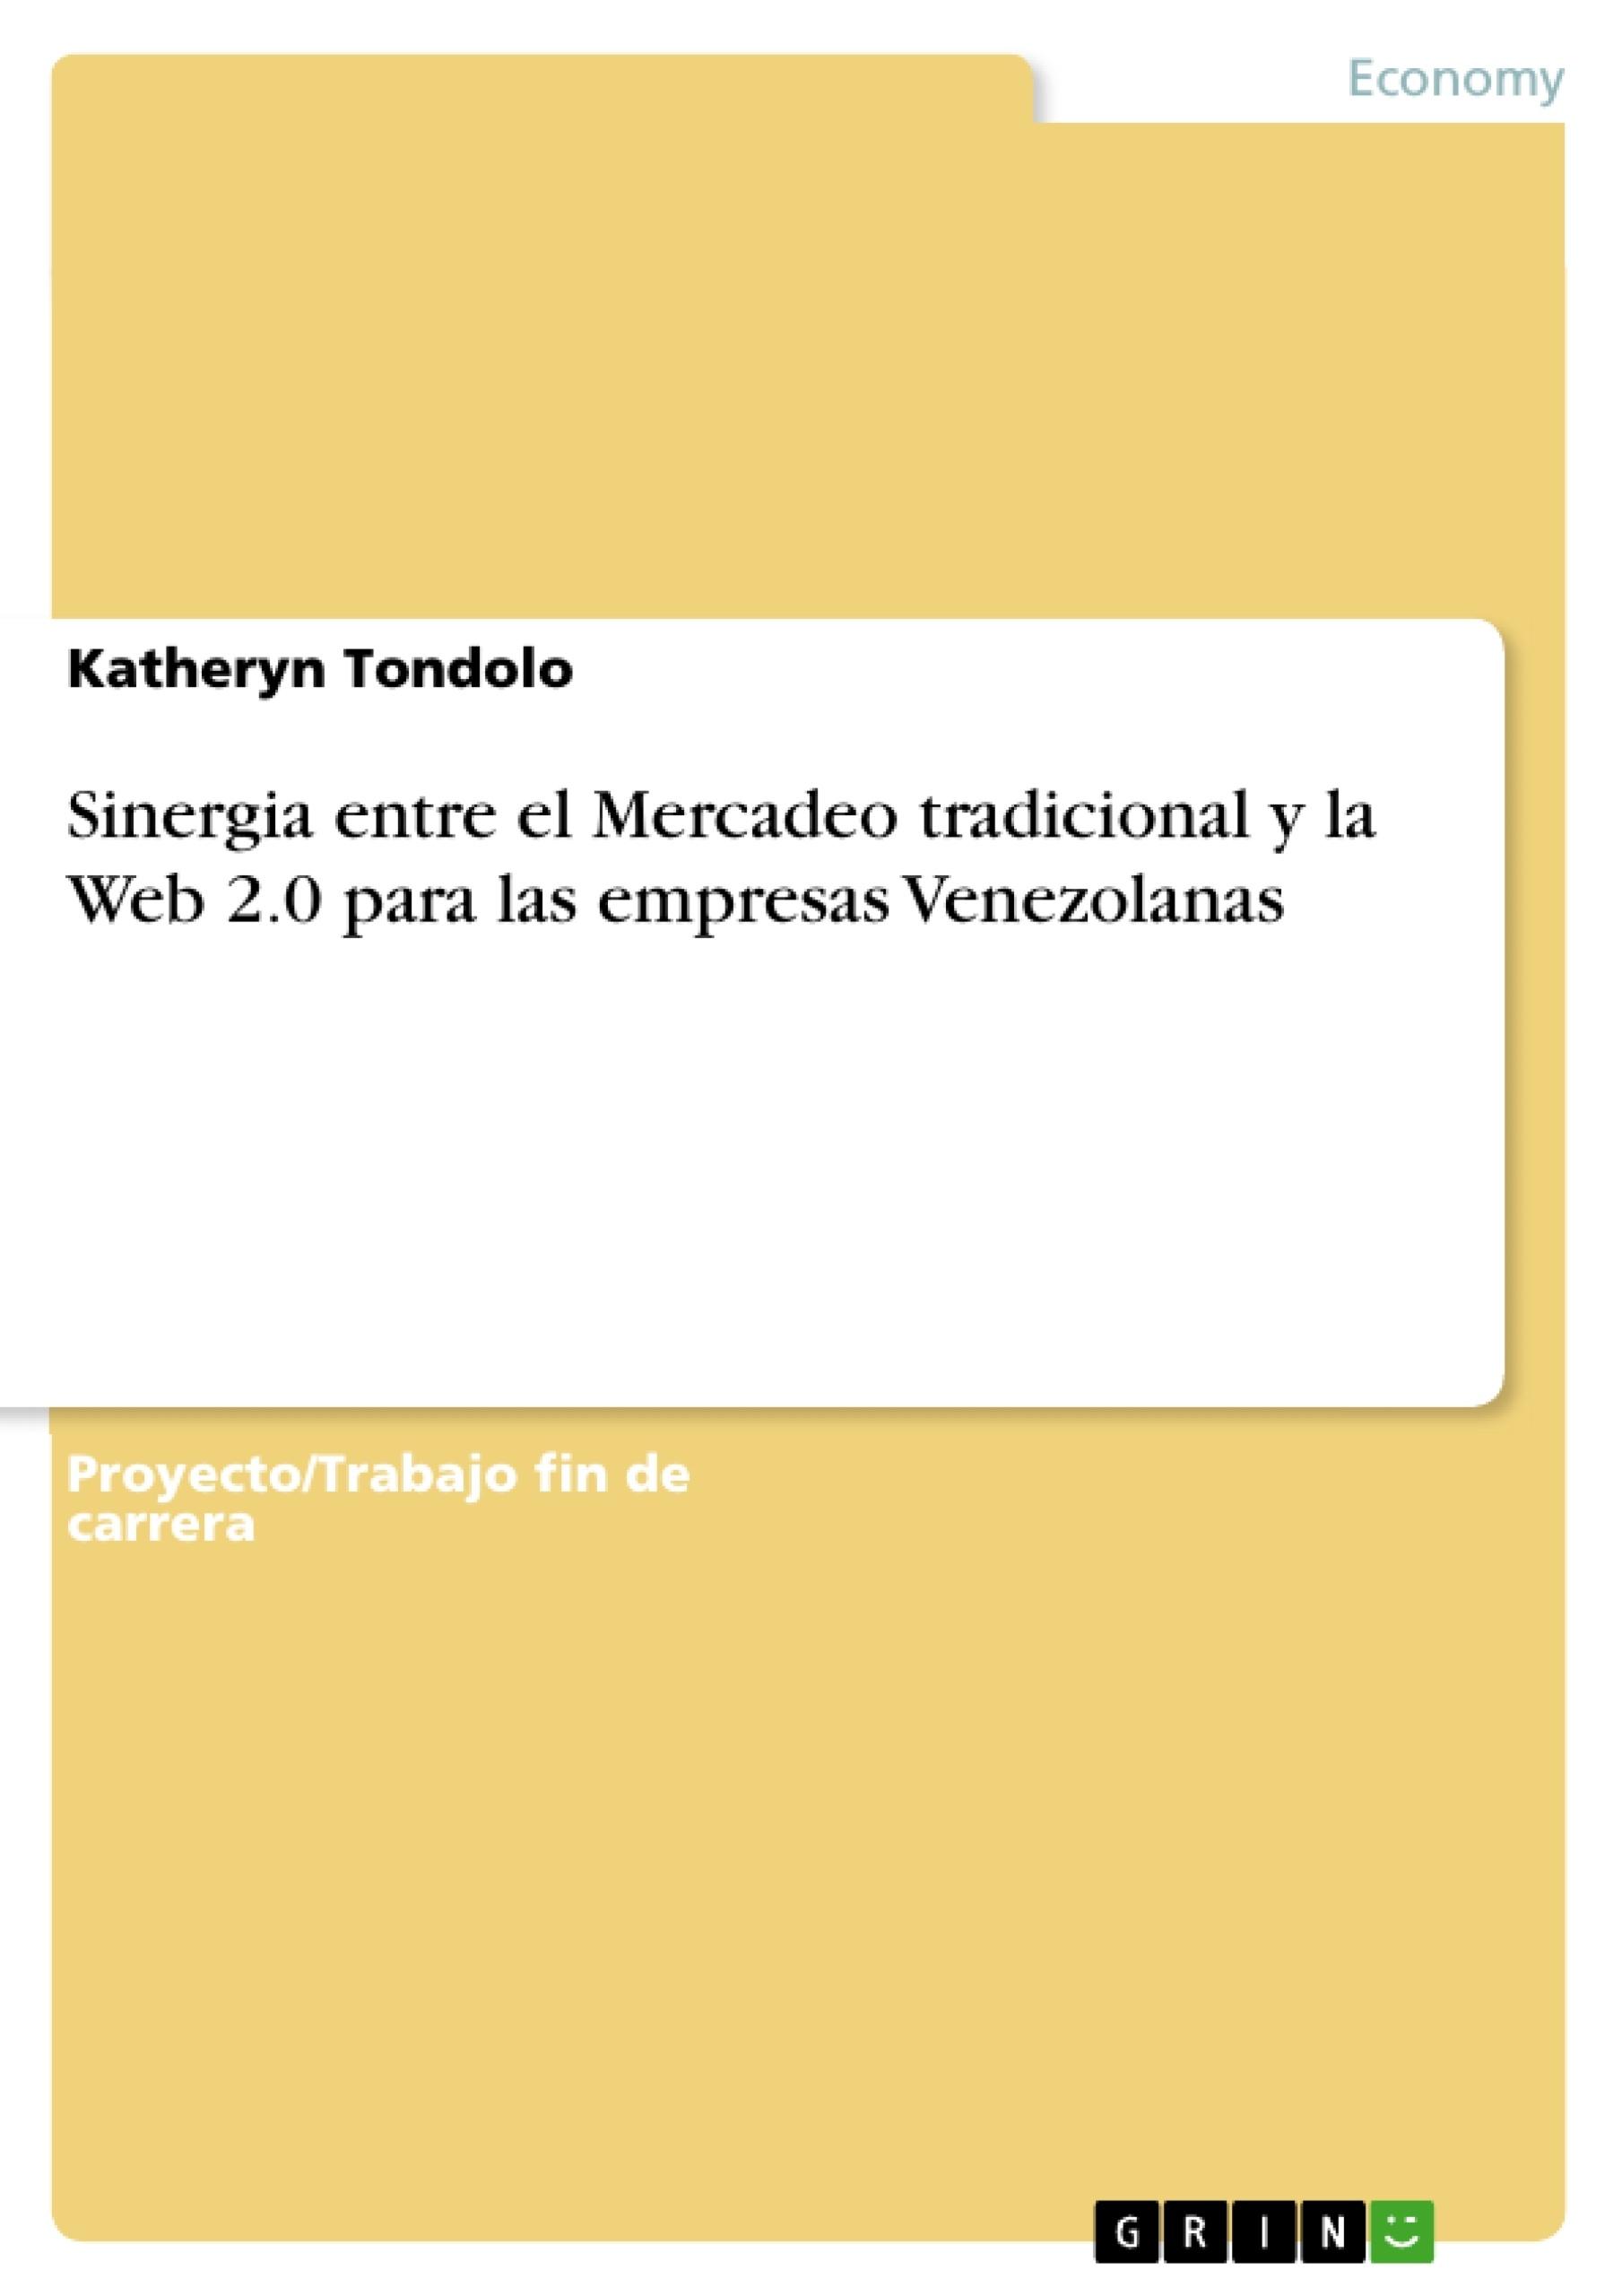 Título: Sinergia entre el Mercadeo tradicional y la Web 2.0 para las empresas Venezolanas